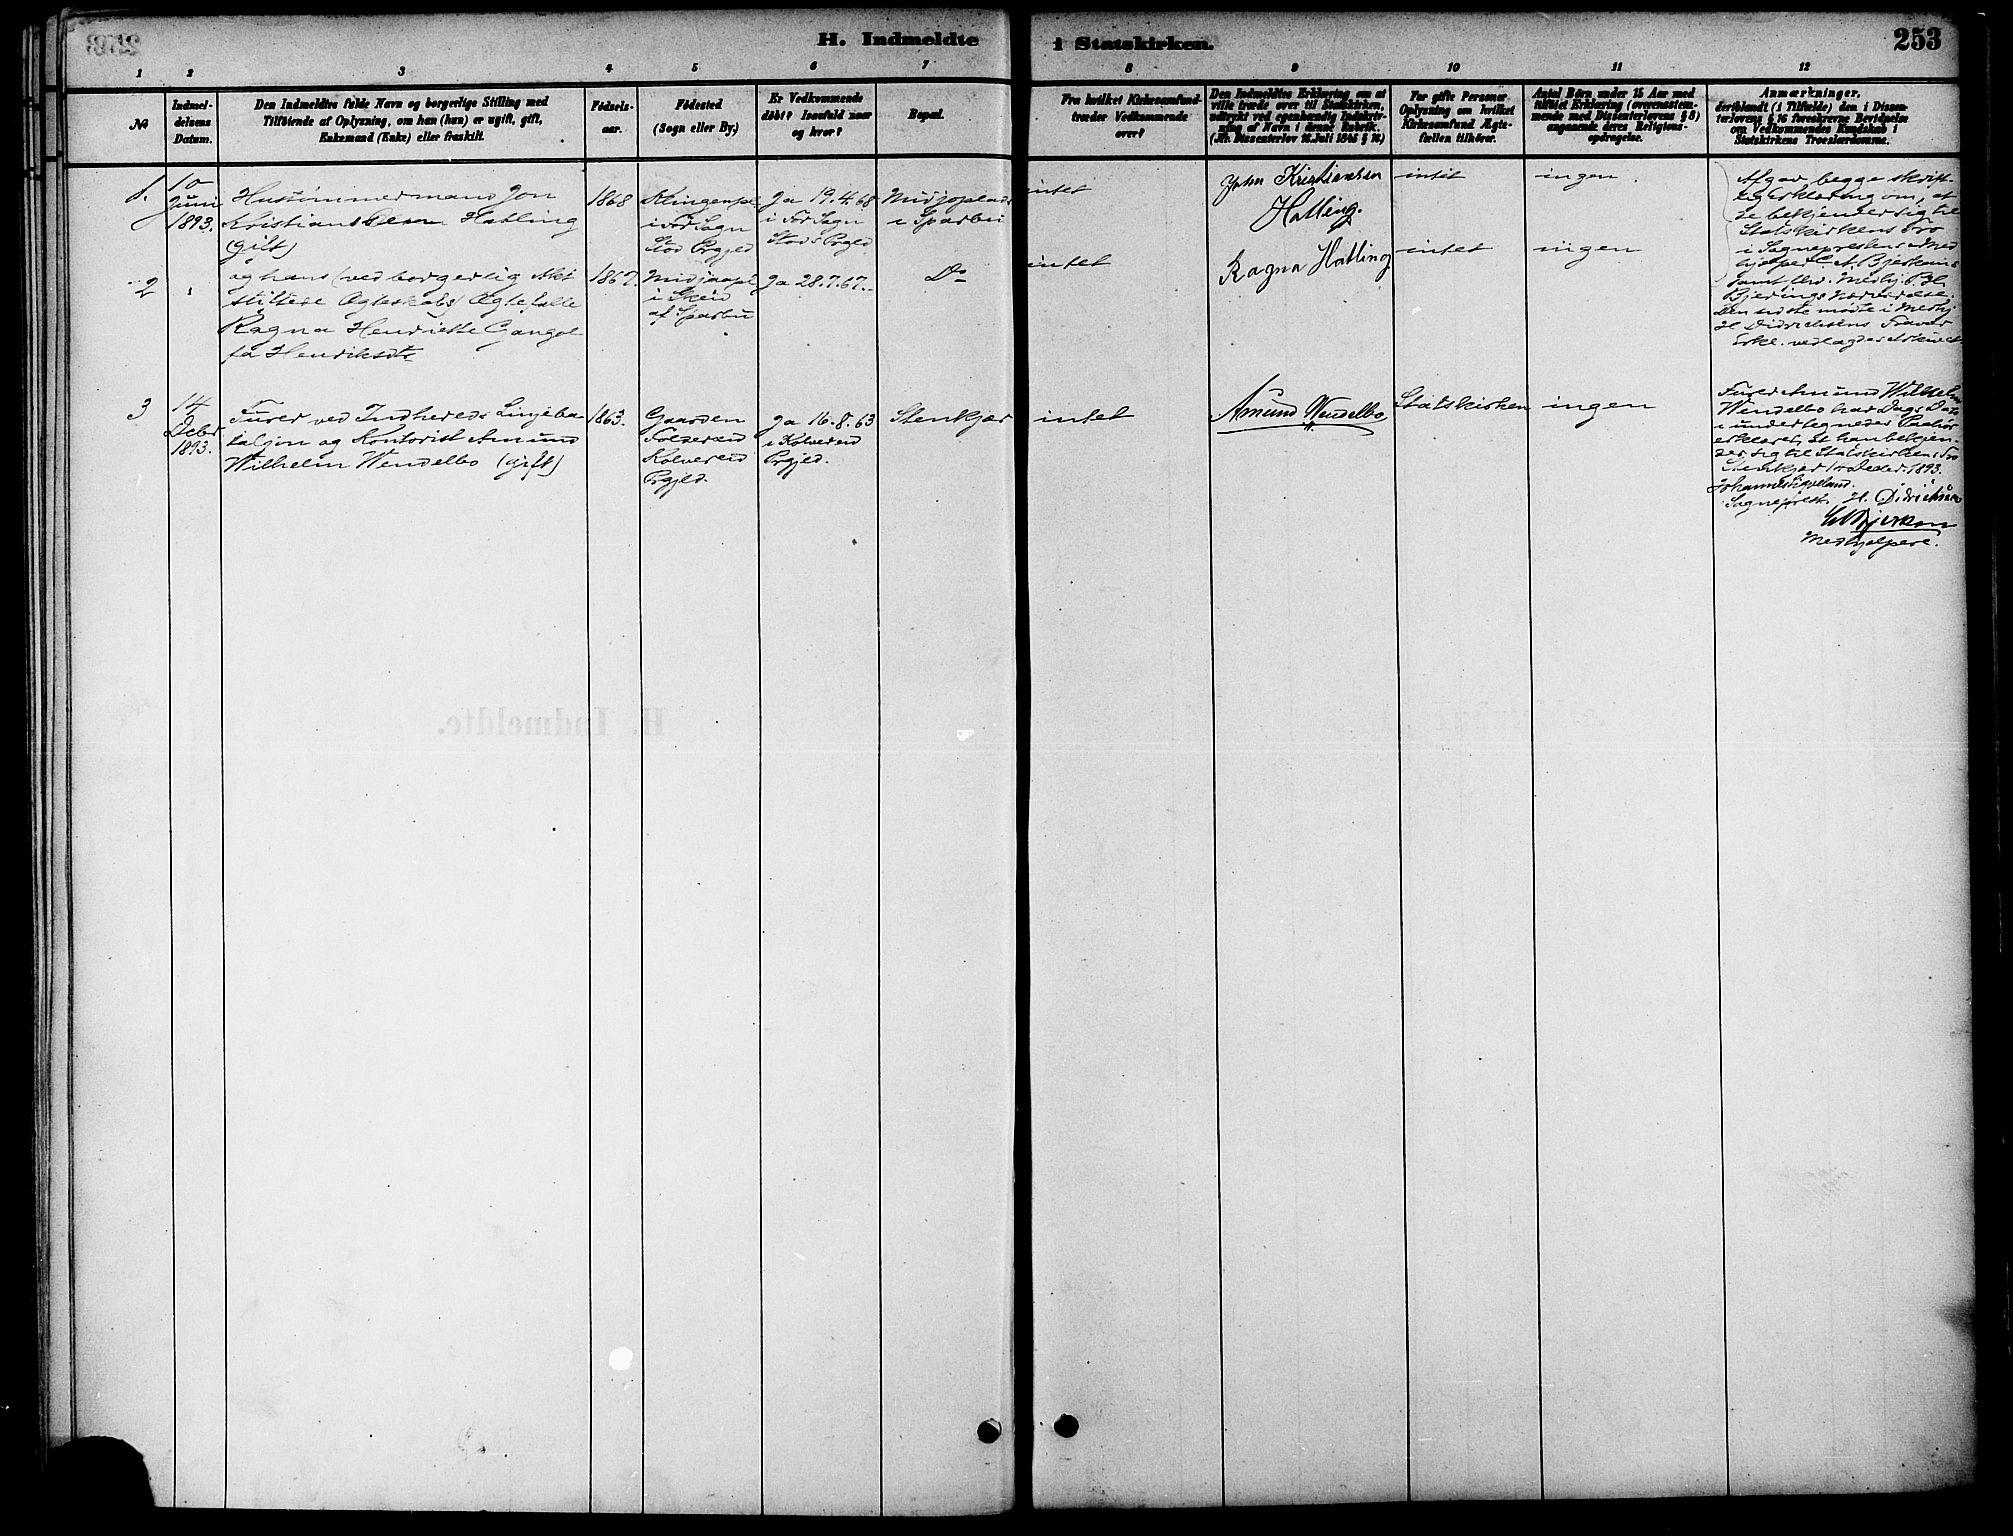 SAT, Ministerialprotokoller, klokkerbøker og fødselsregistre - Nord-Trøndelag, 739/L0371: Ministerialbok nr. 739A03, 1881-1895, s. 253